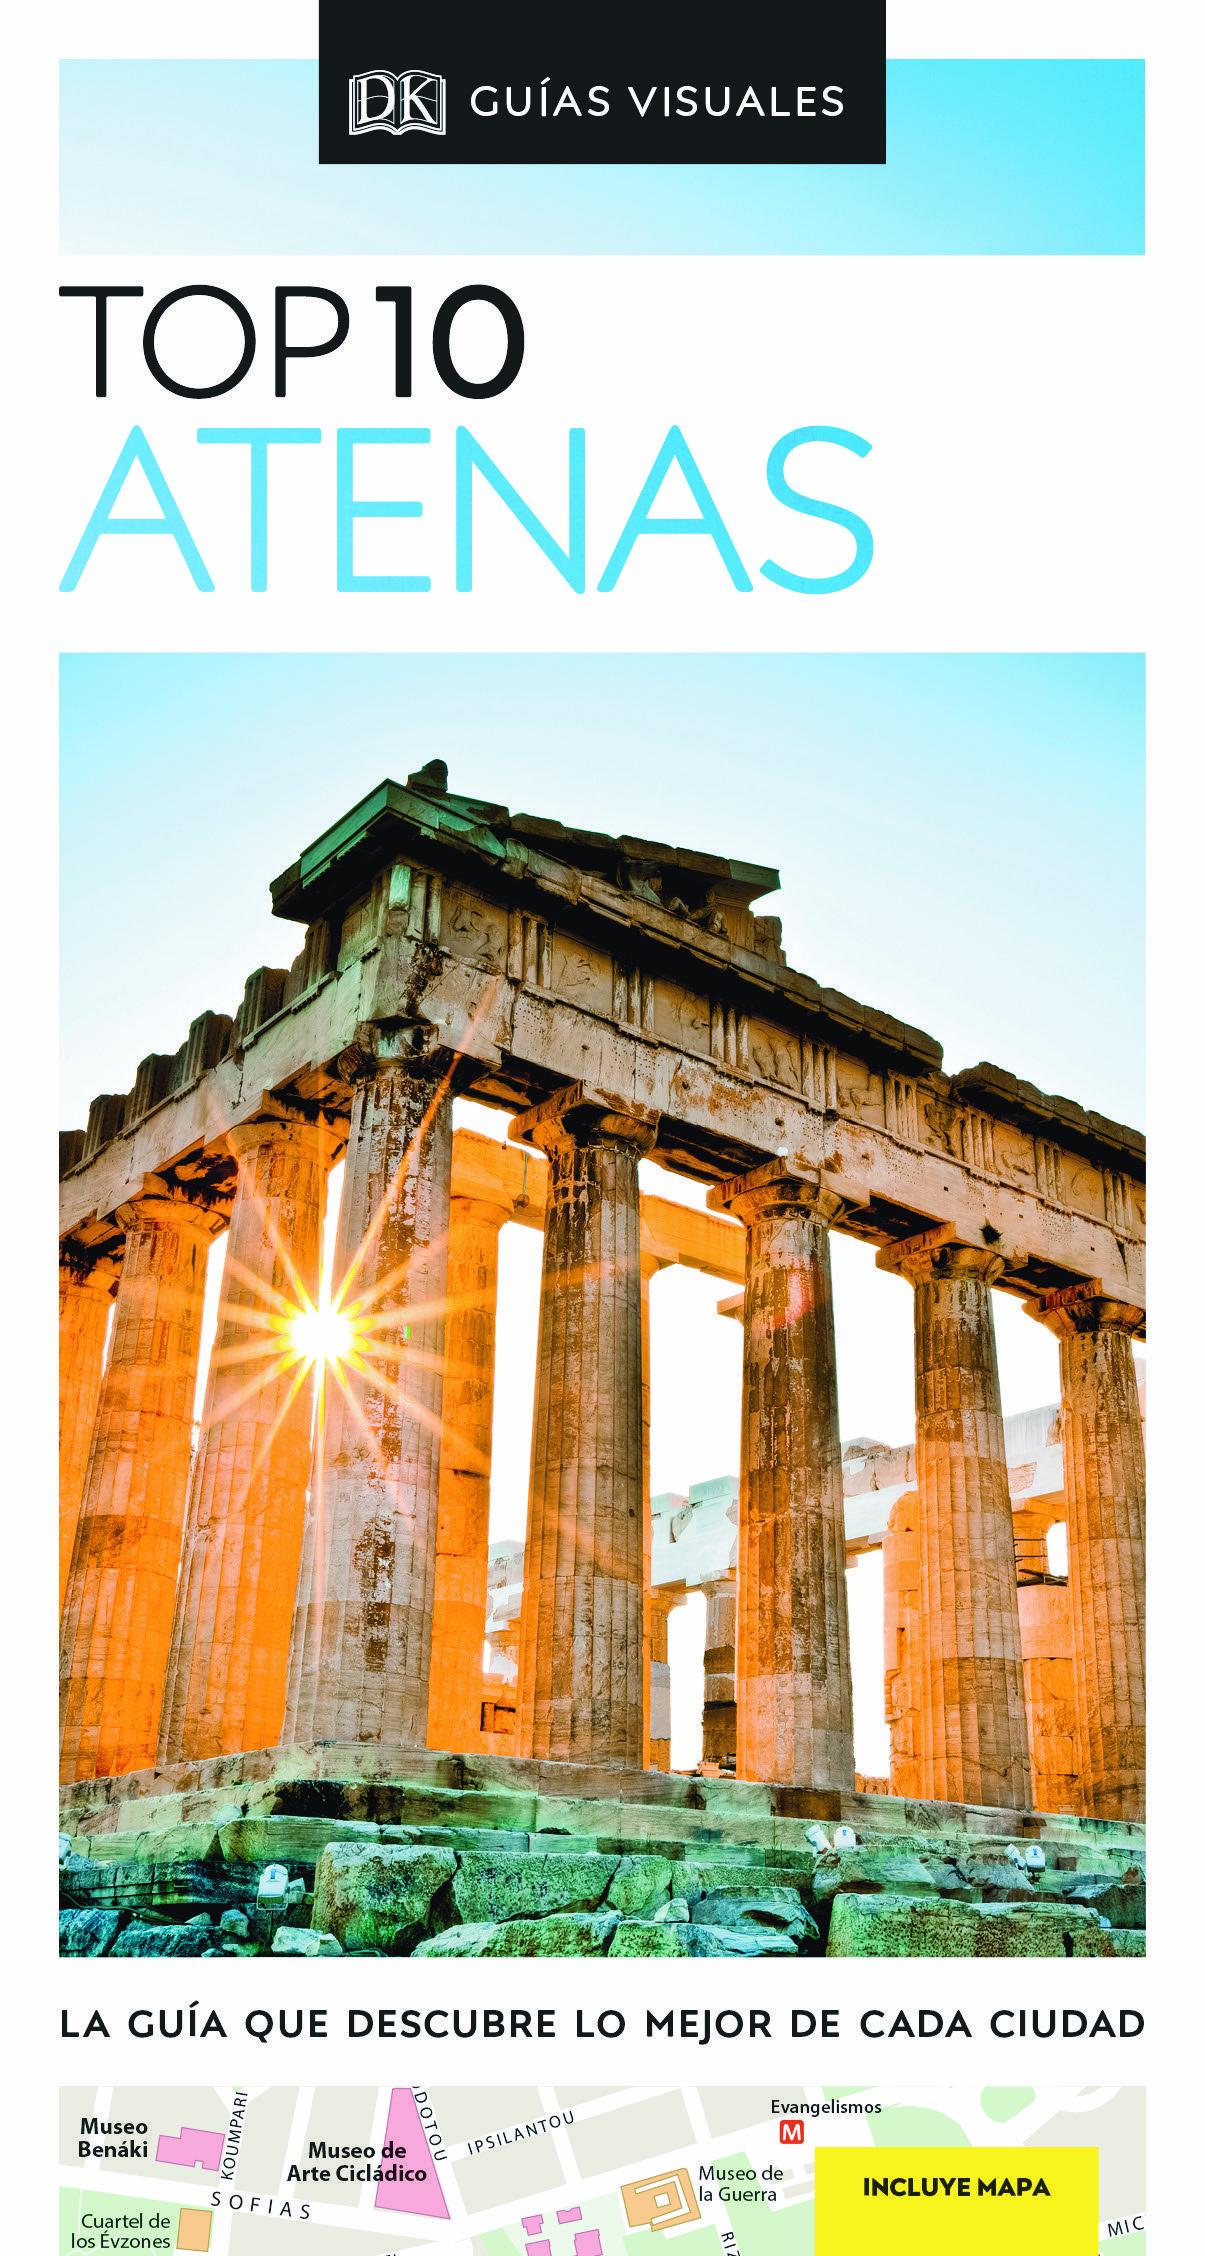 ATENAS TOP 10